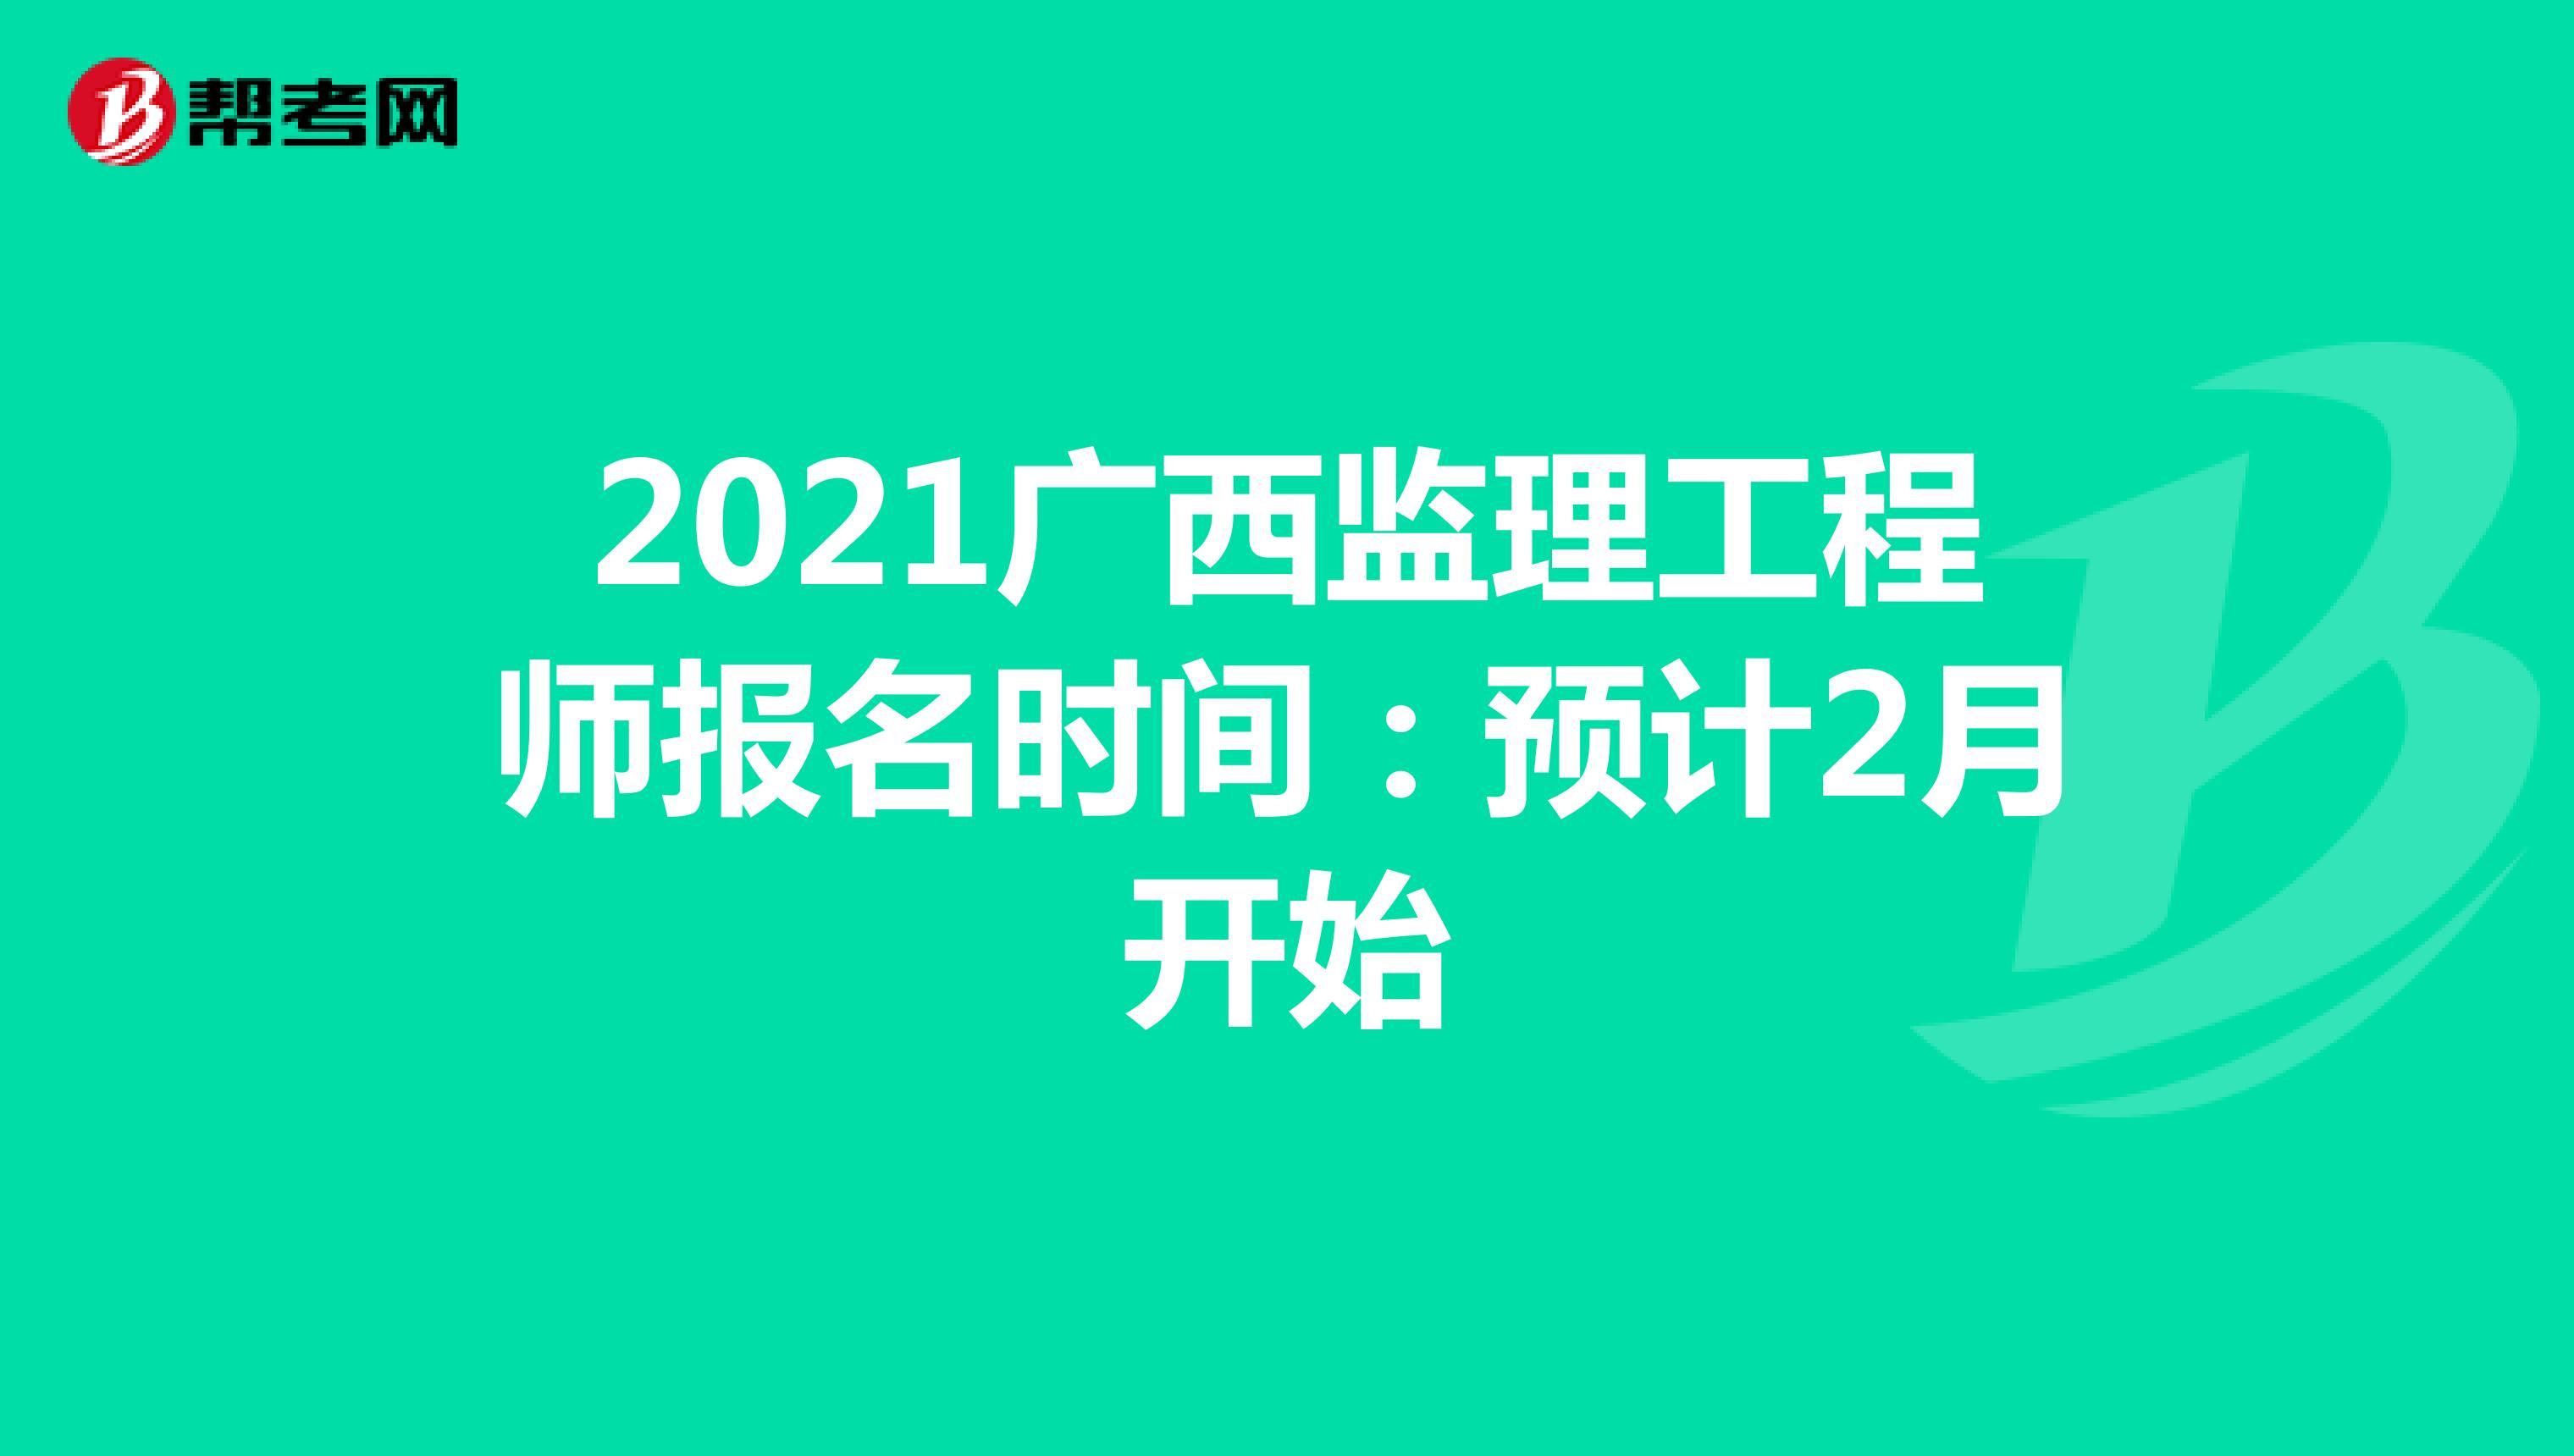 2021广西监理工程师报名时间:预计2月开始